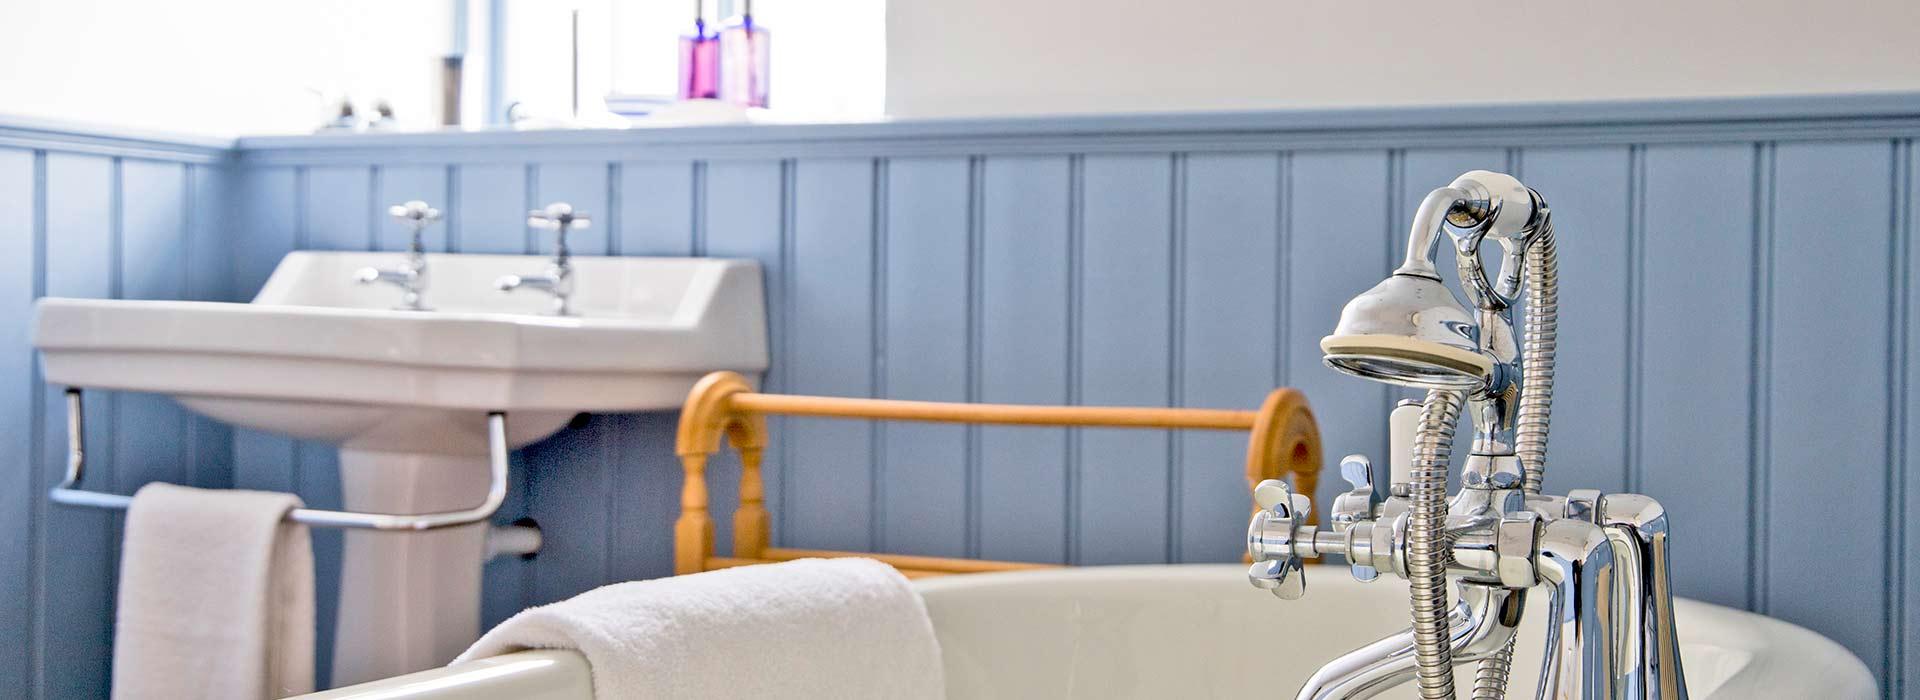 Blue family bathroom